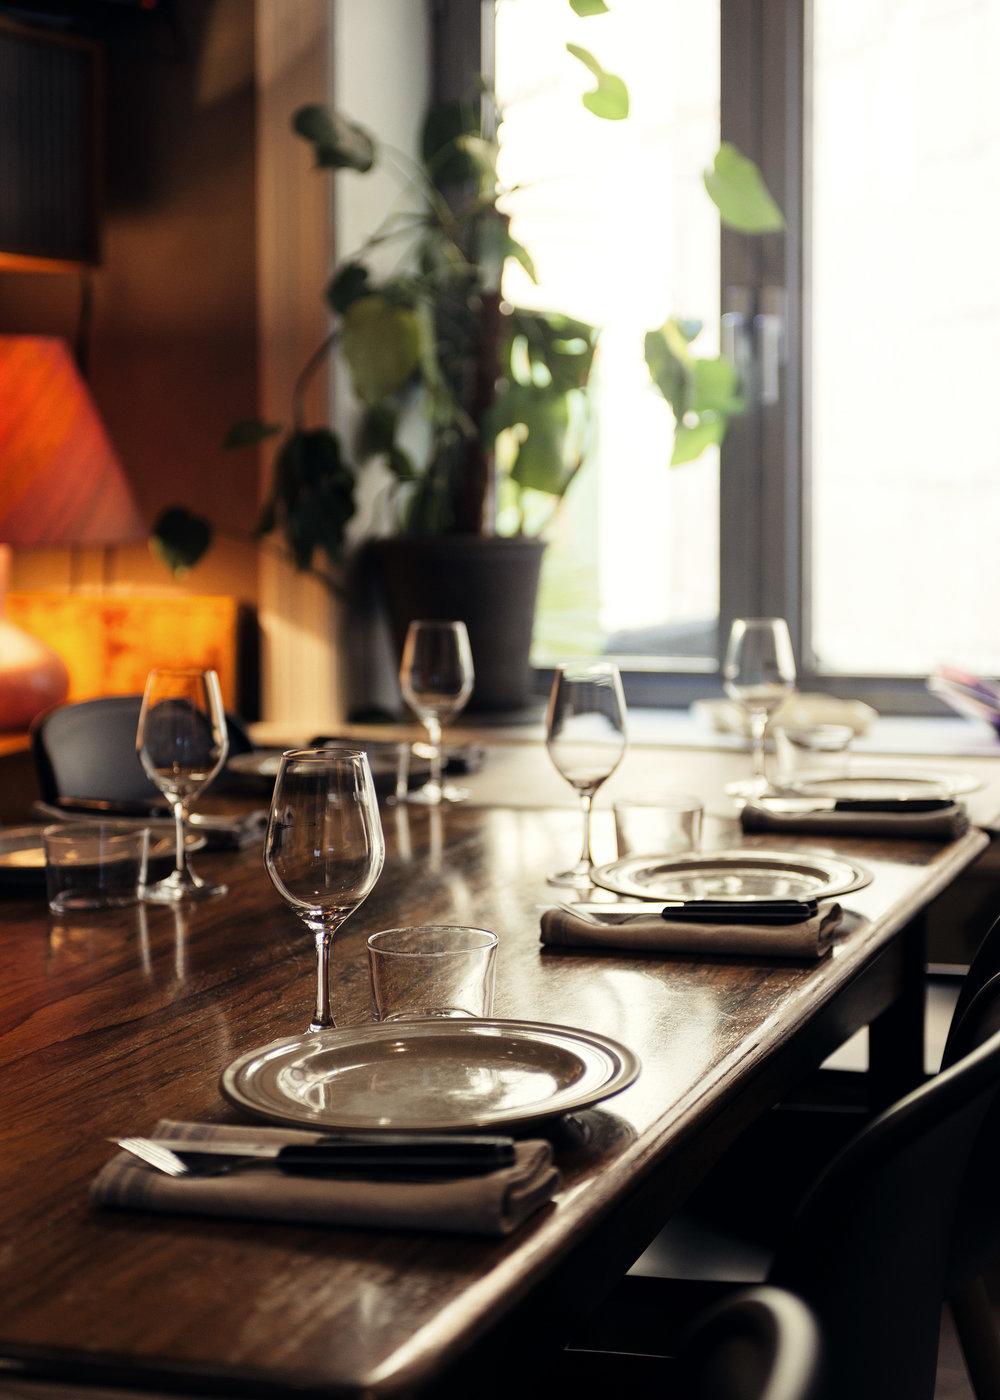 Smalhans-st.hanshaugen-oslo-middag